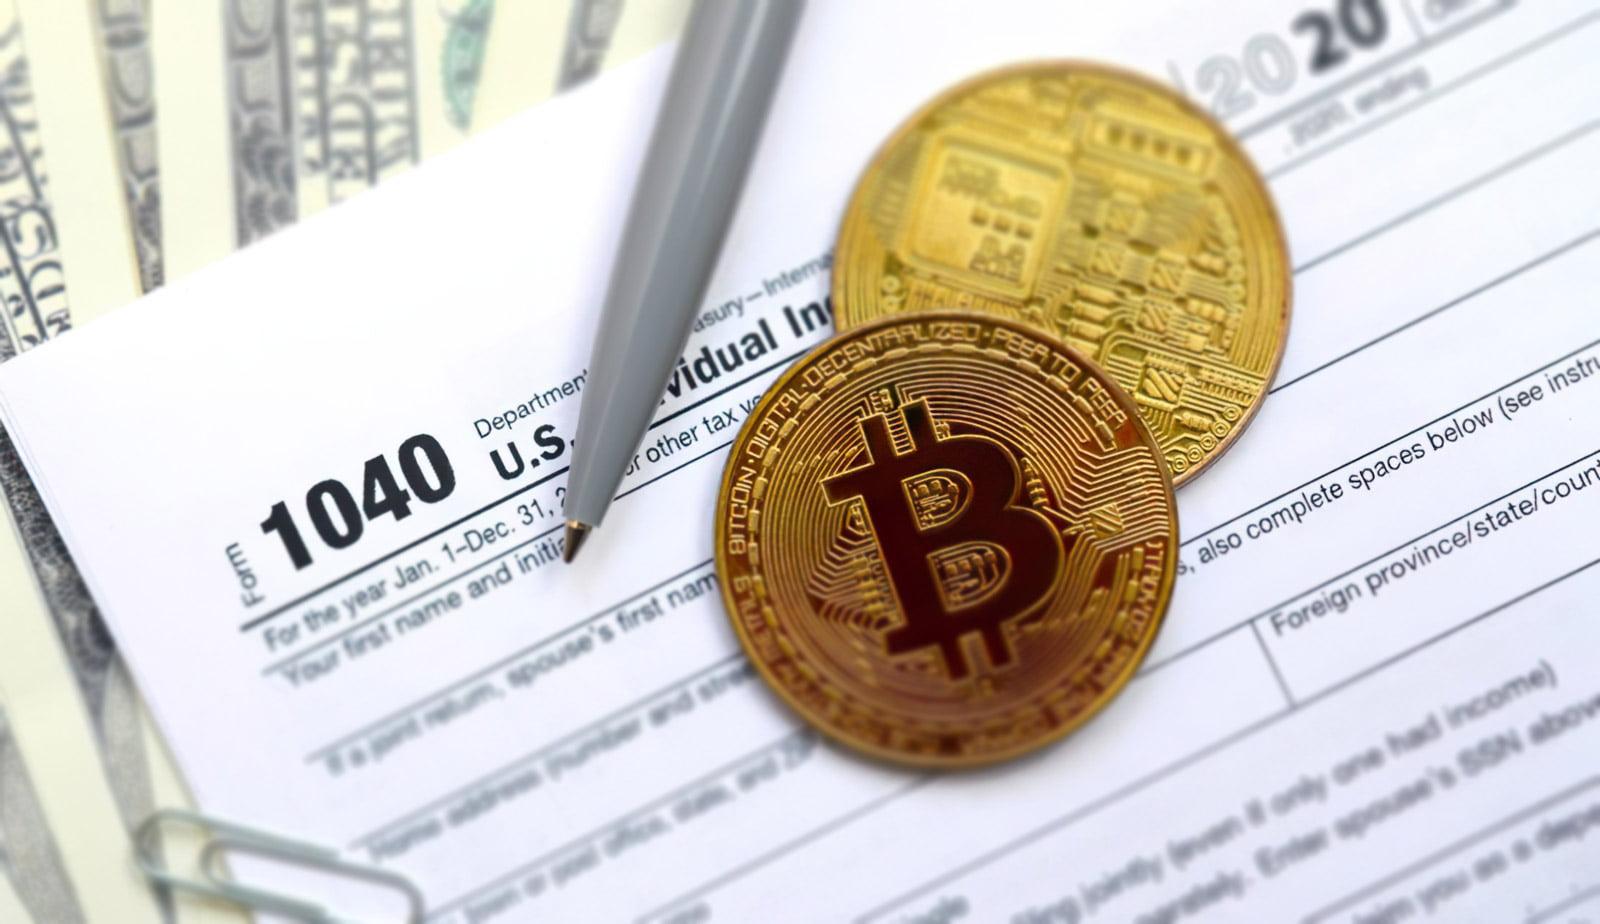 Криптовалютное предложение PayPal станет головной болью для налогоплательщиков